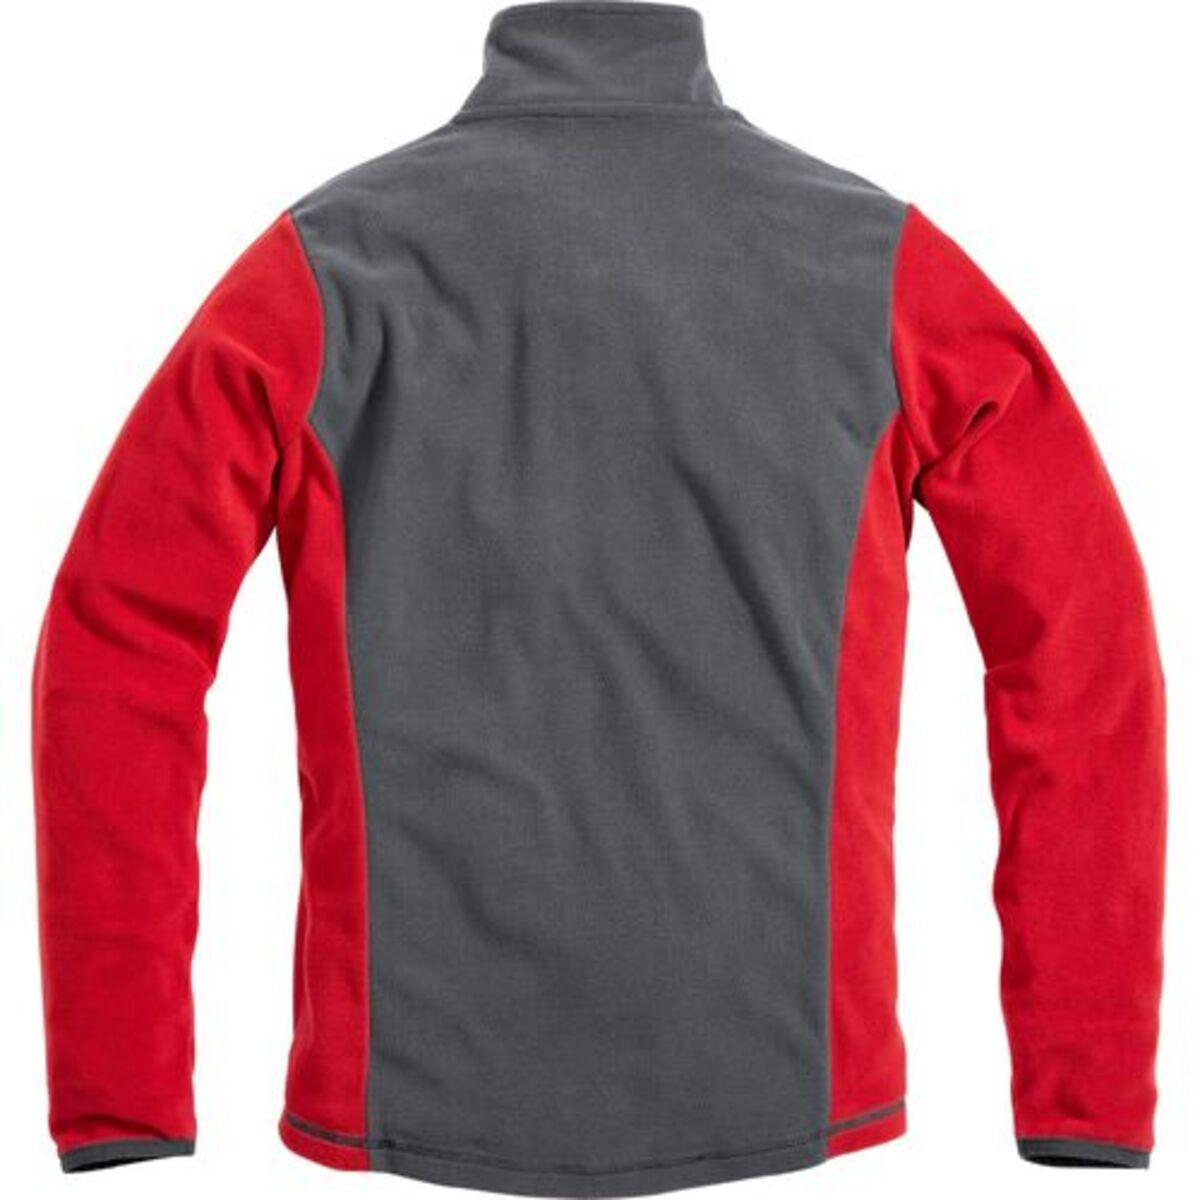 Bild 2 von FLM            Damen Fleeceshirt 2.0 grau/rot